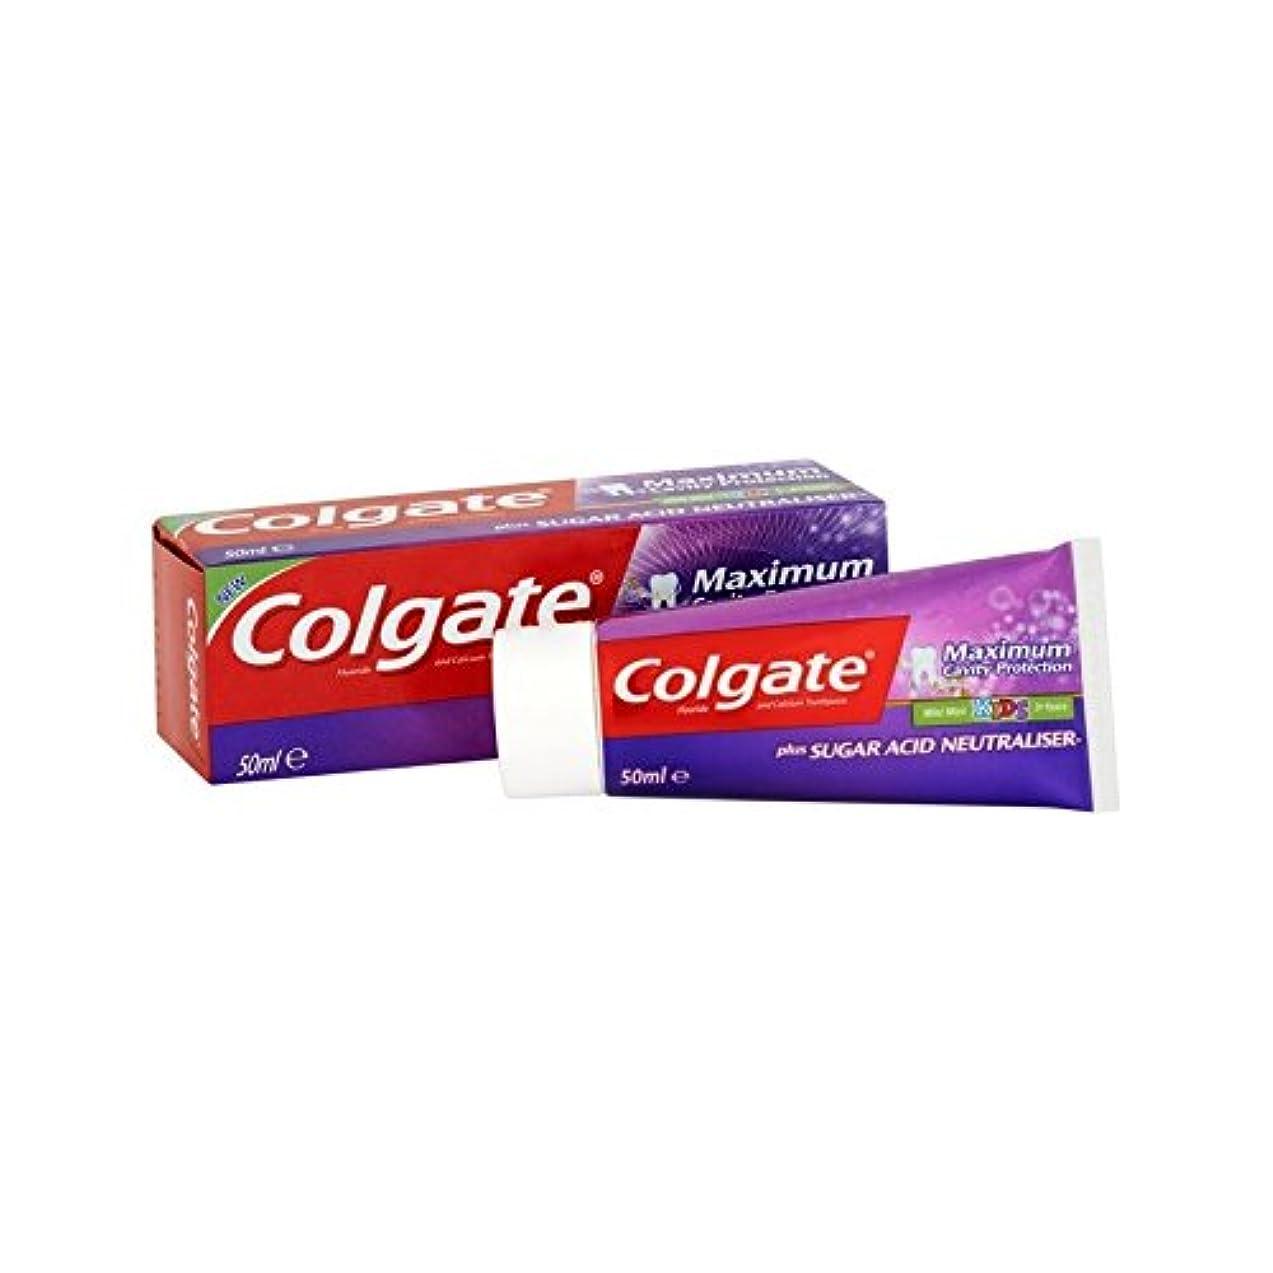 体系的に後世困惑最大空洞の子供の50ミリリットルを保護 (Colgate) (x 6) - Colgate Maximum Cavity Protect Kids 50ml (Pack of 6) [並行輸入品]